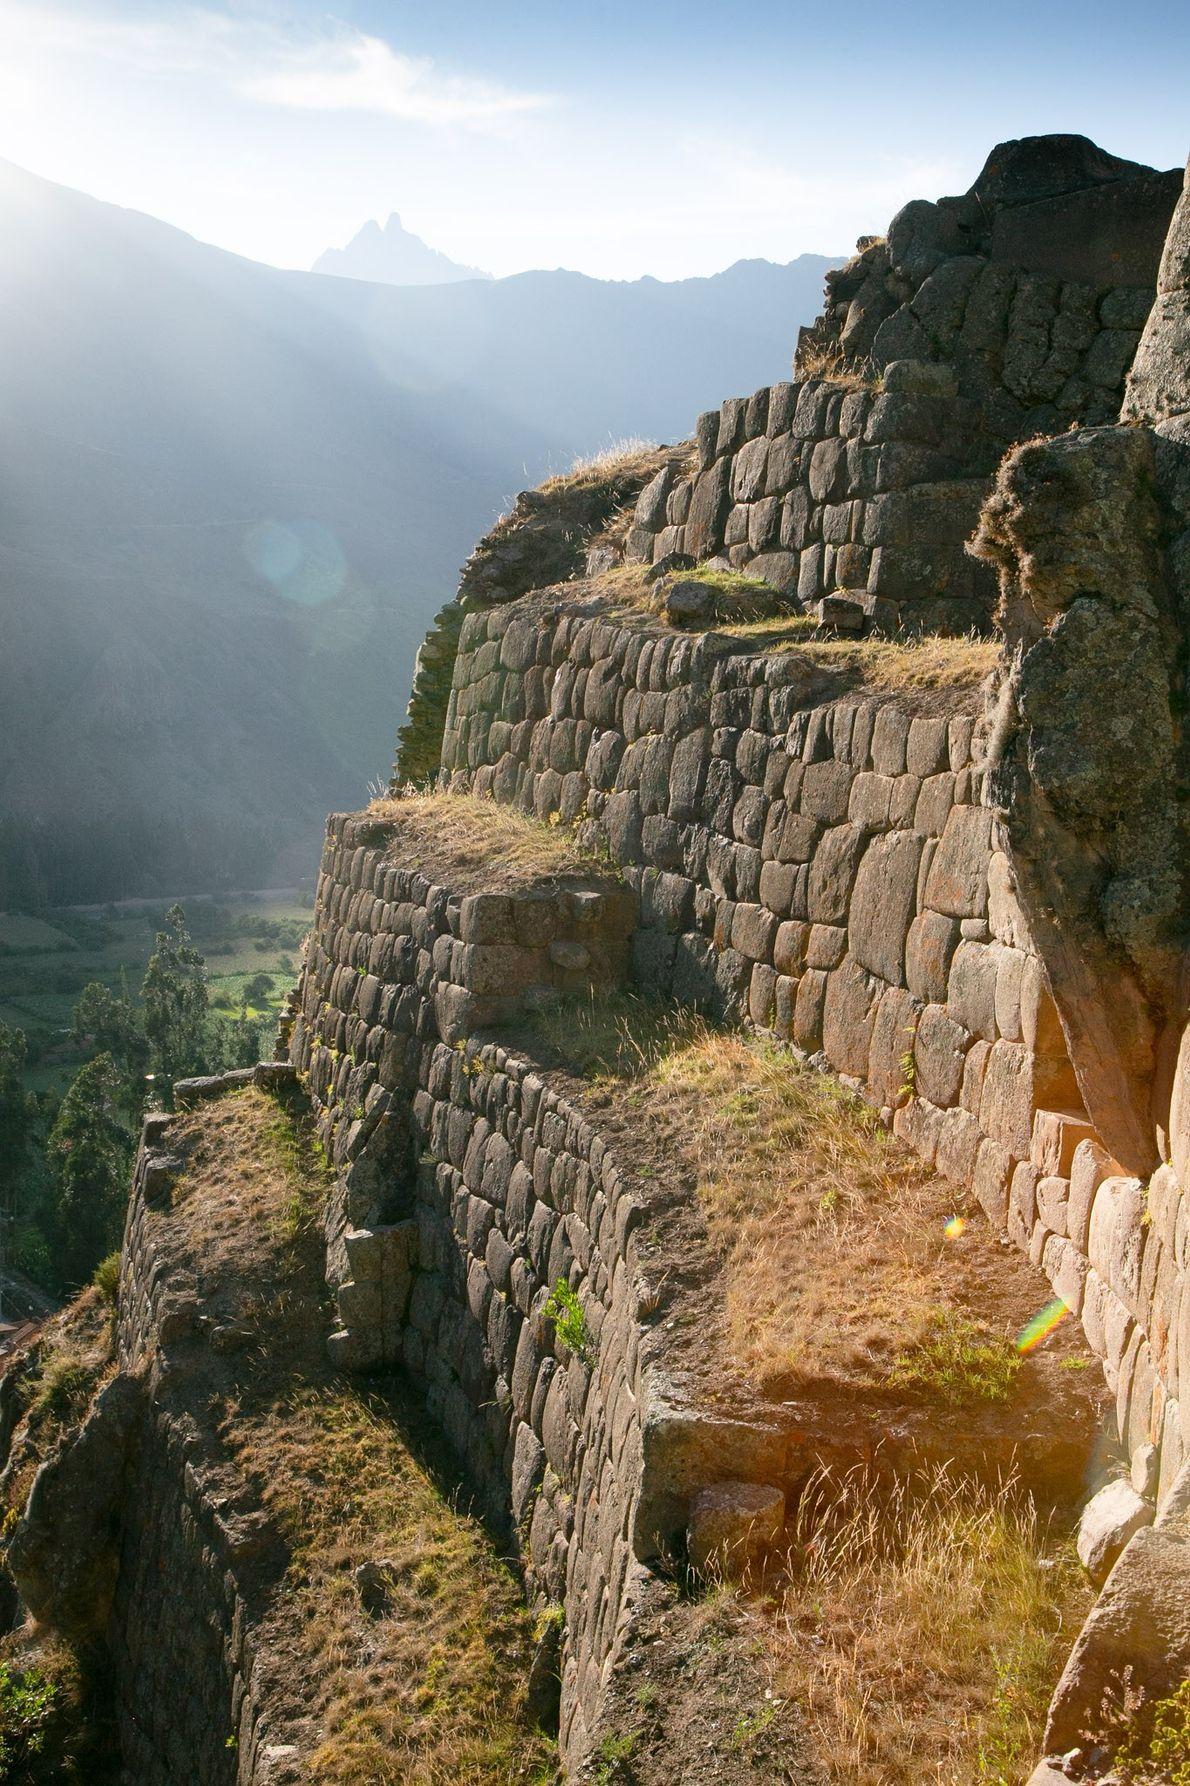 A antiga cidade de Ollantaytambo, conhecida pela enorme fortaleza Inca.